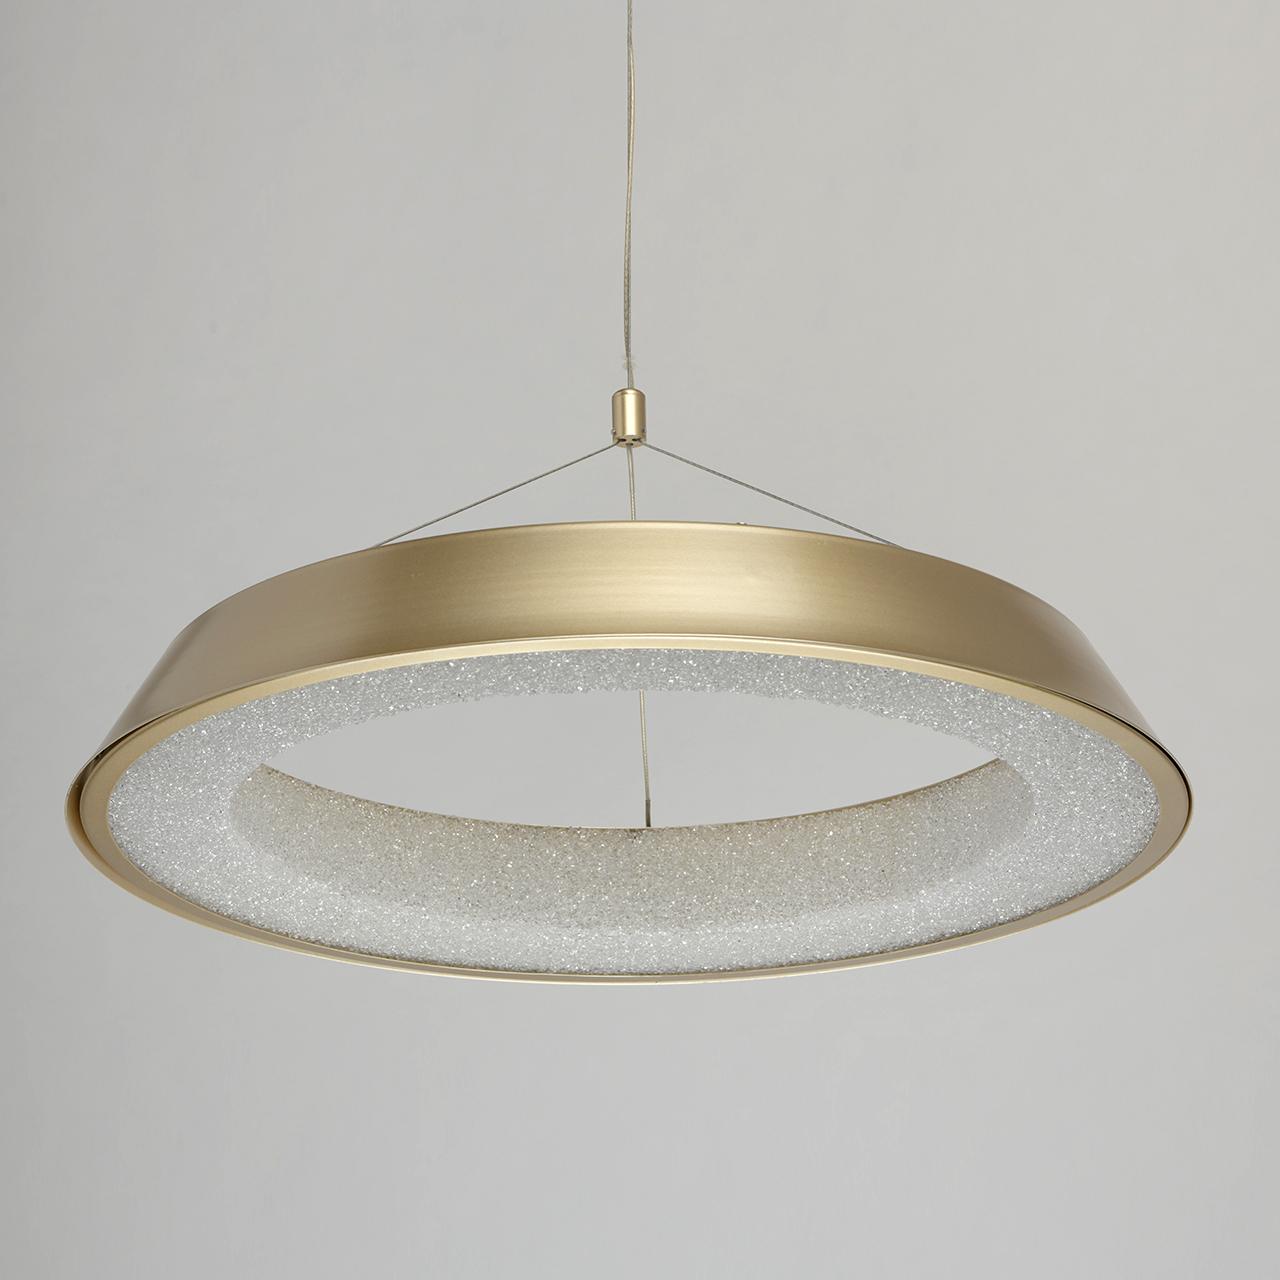 Lampa Led Do Jadalni Złota W Kształcie Pierścienia Wewnętrzny